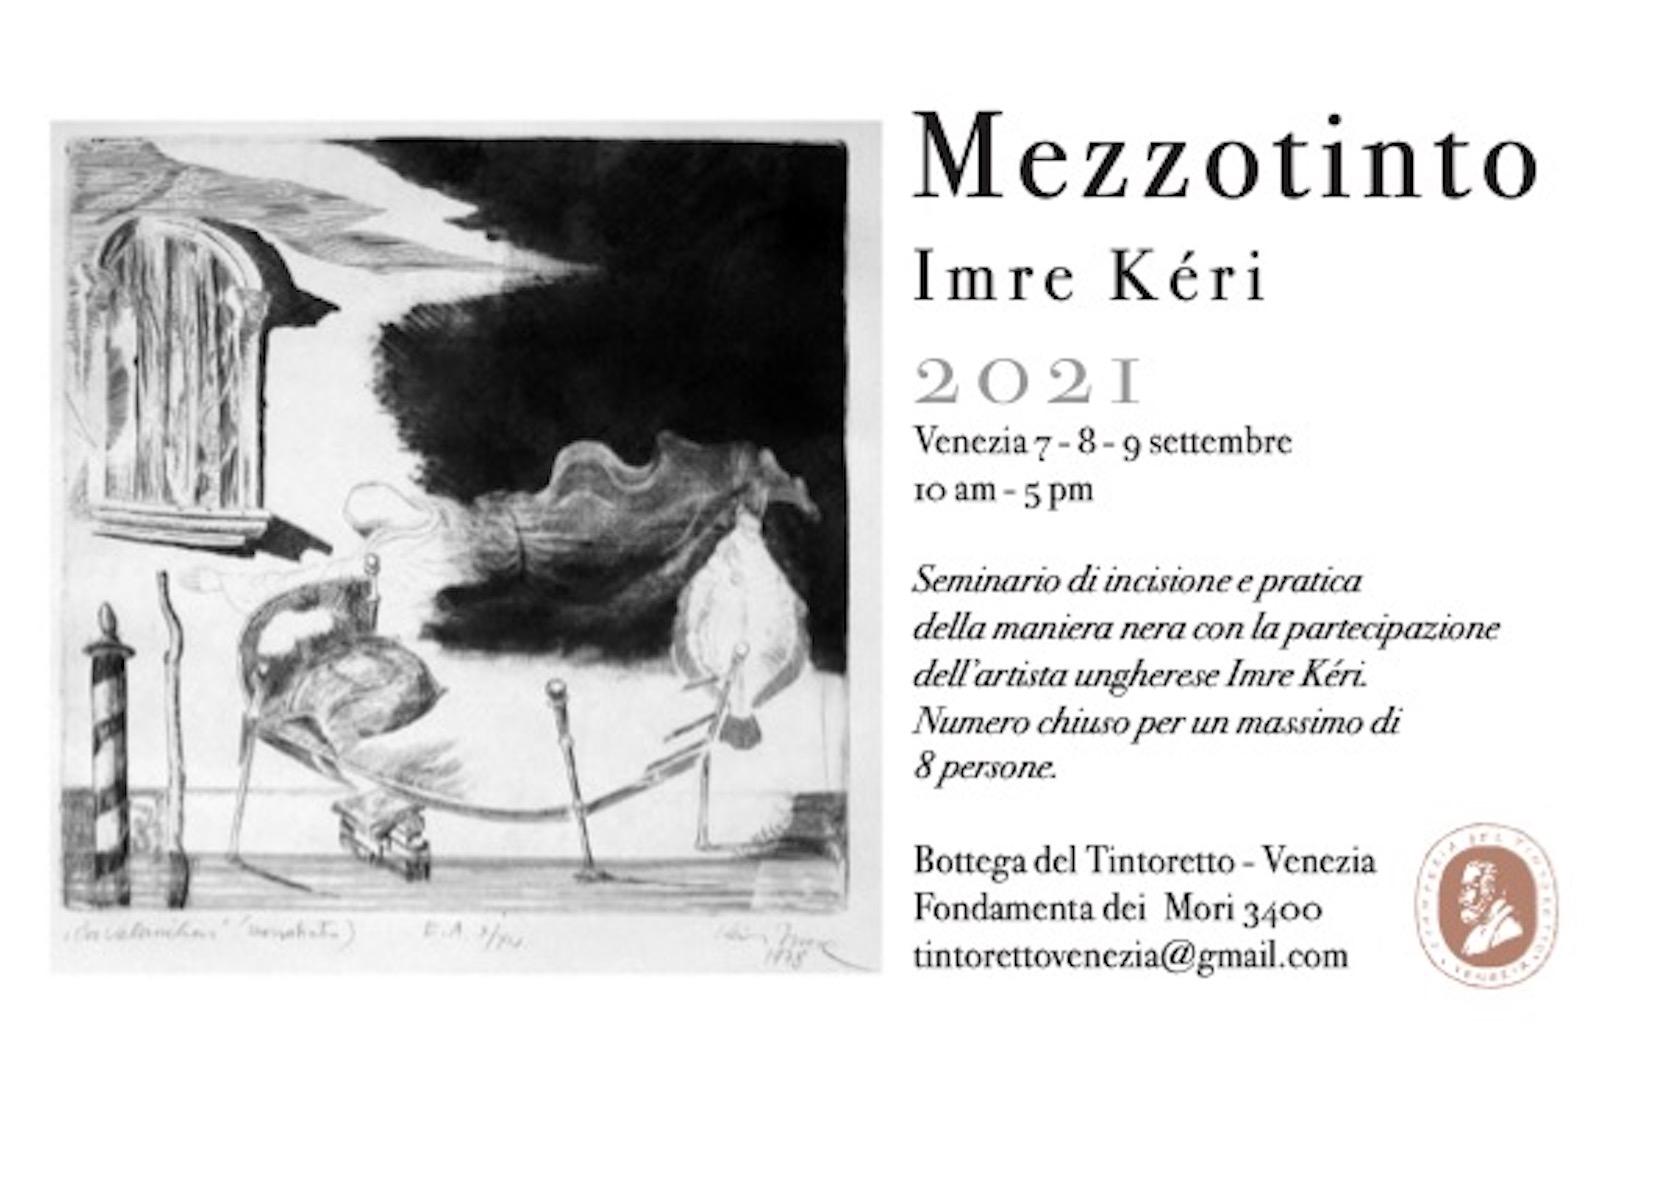 A settembre il corso di mezzotinto con l'artista Imre Kéri.